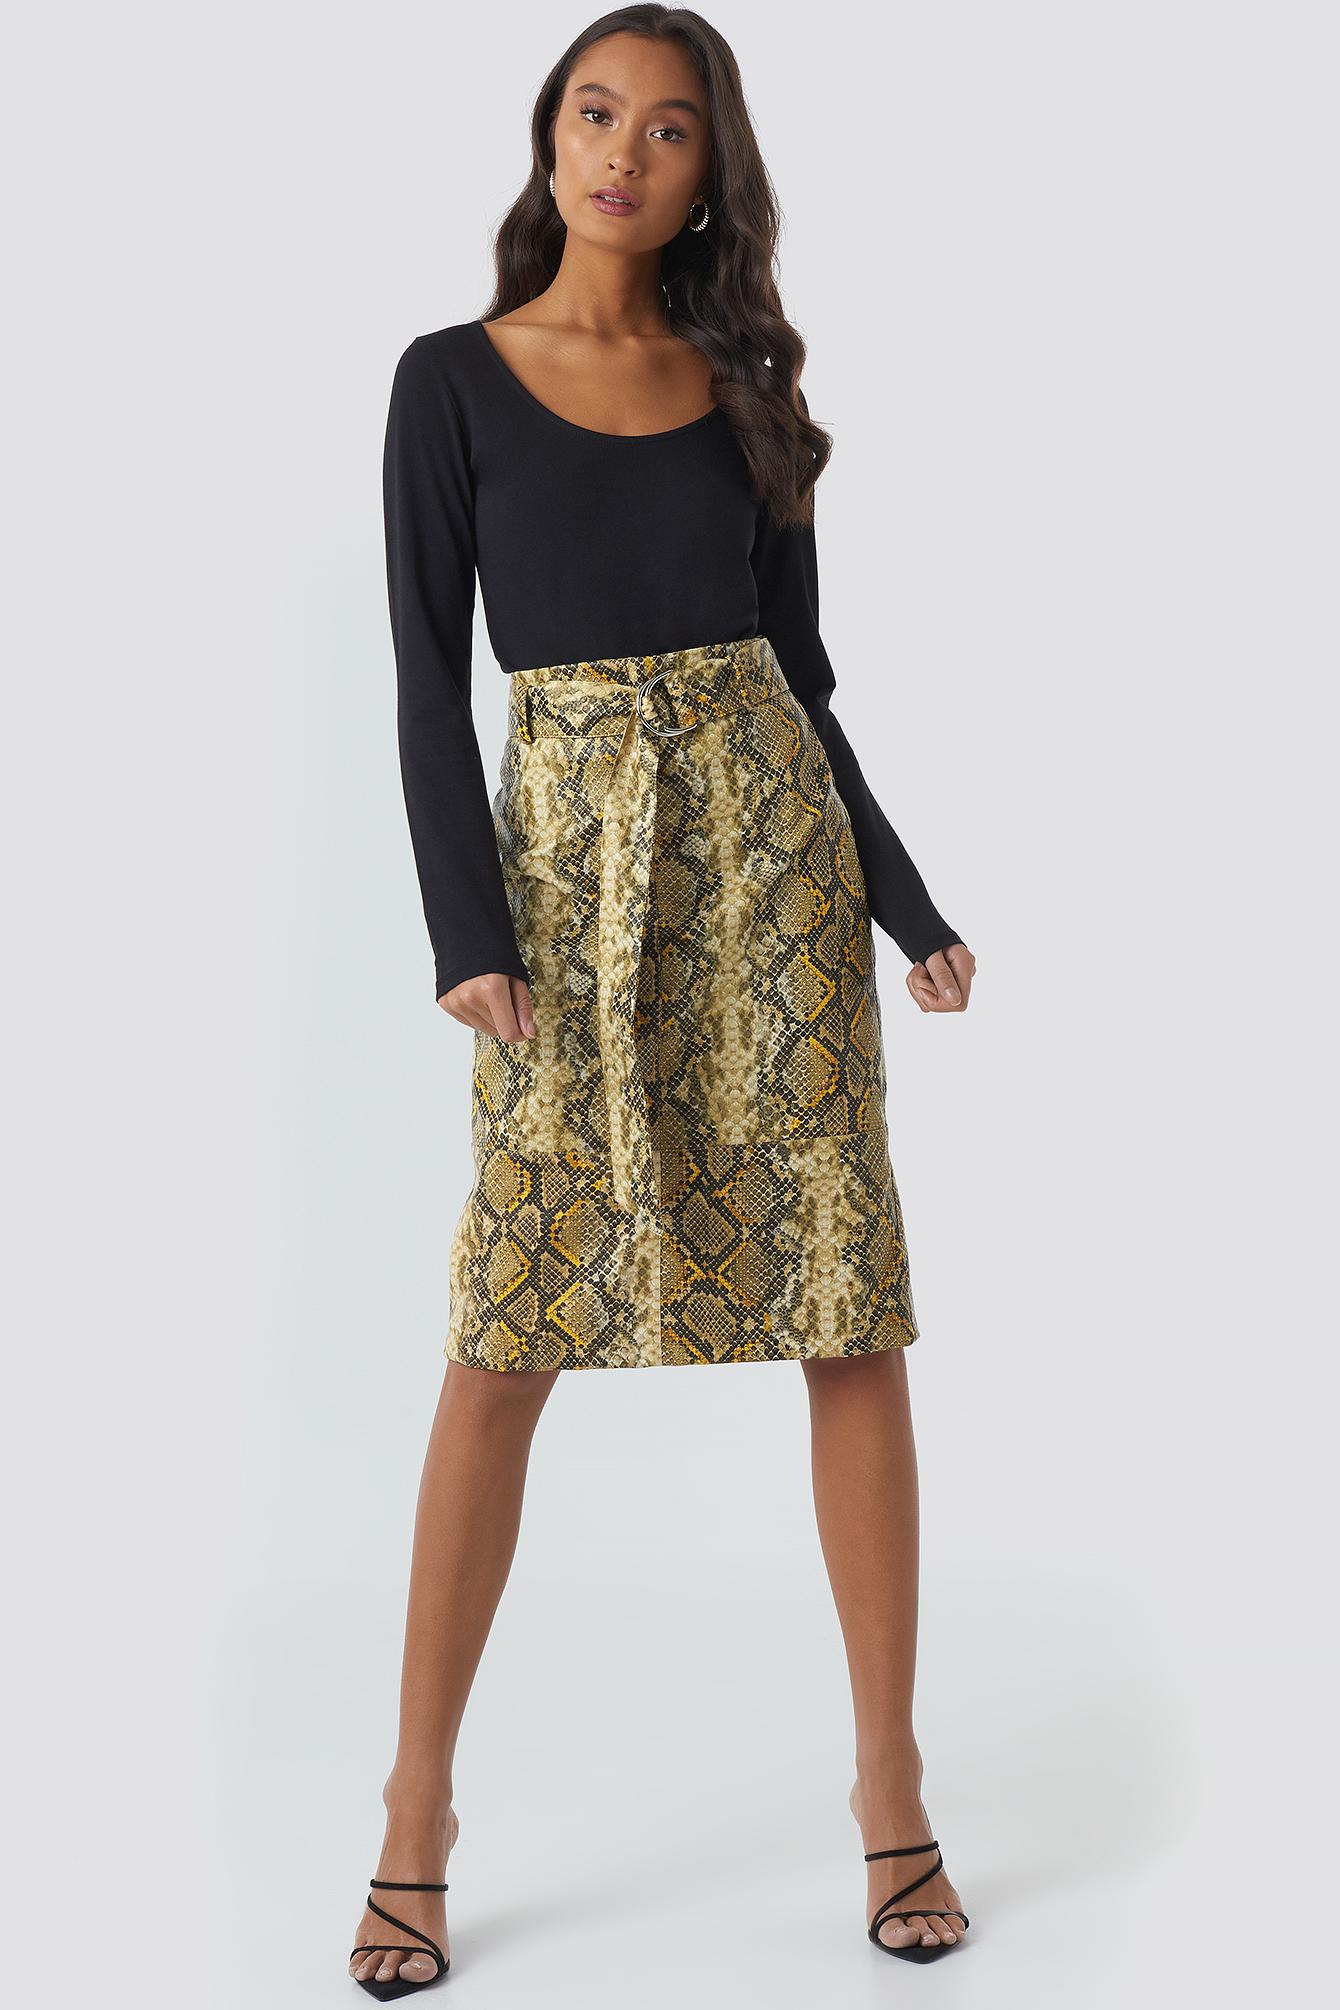 Snake Printed Belted PU Skirt NA-KDLOUNGE.DE